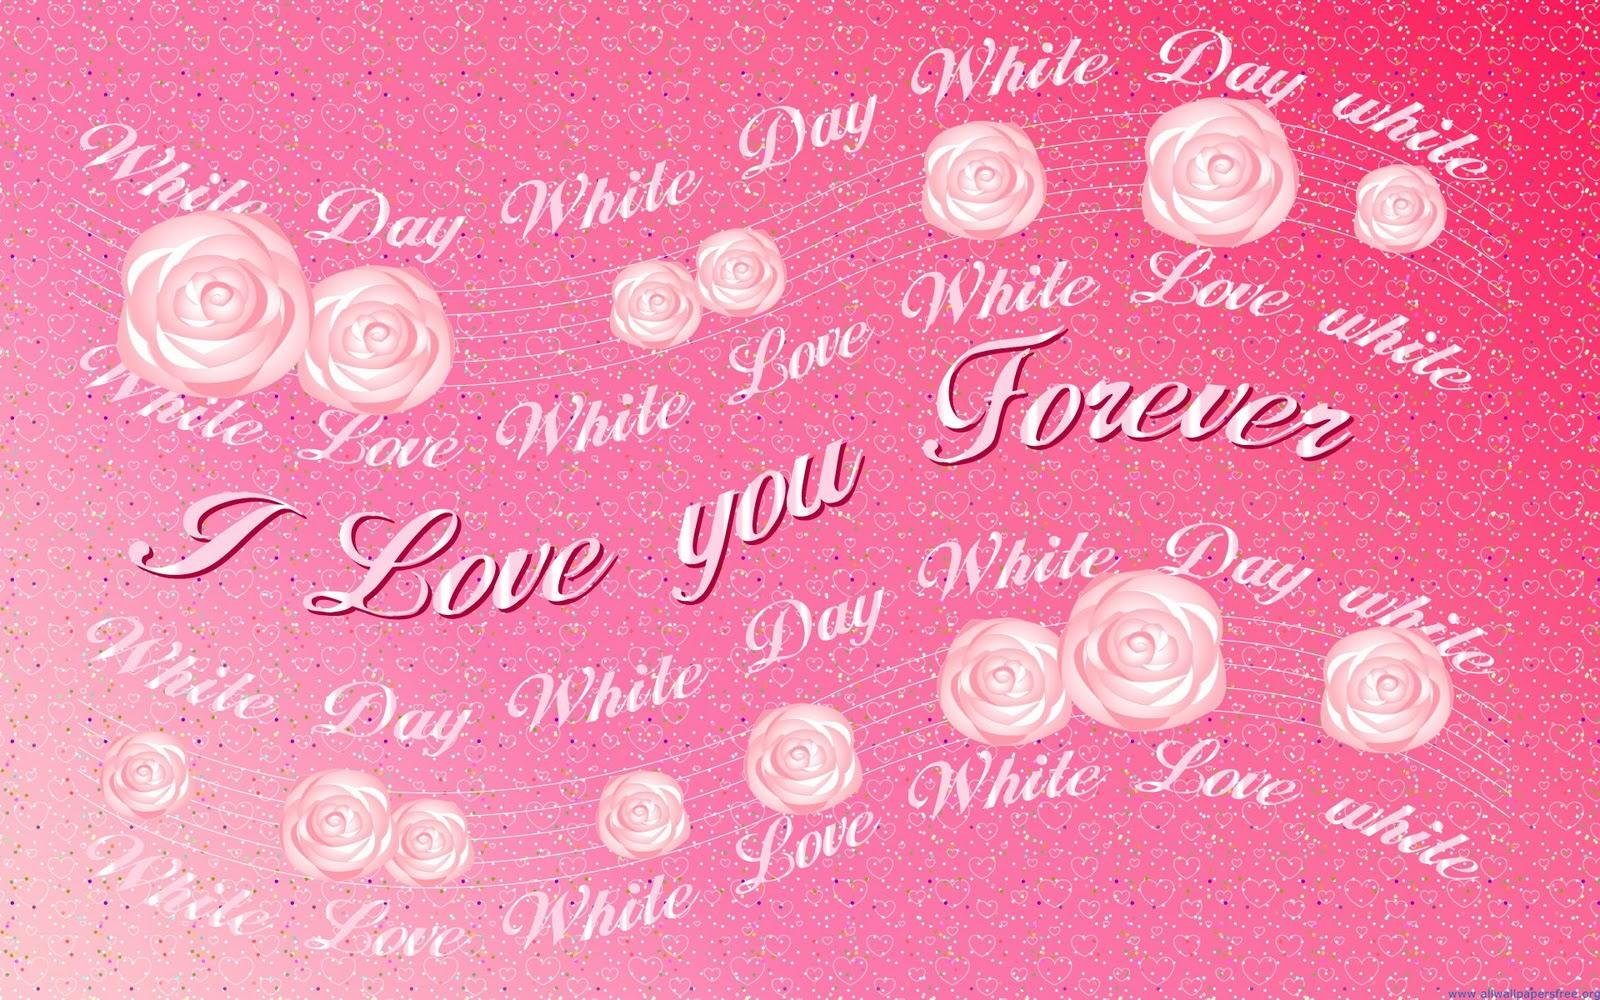 http://1.bp.blogspot.com/-L9M6cs7FqeY/Tyo-edsTdTI/AAAAAAAAB10/kGl_MItJWAU/s1600/Beautiful+Valentine%2527s+Day+HD+Widescreen+Wallpapers+%252865%2529.jpg